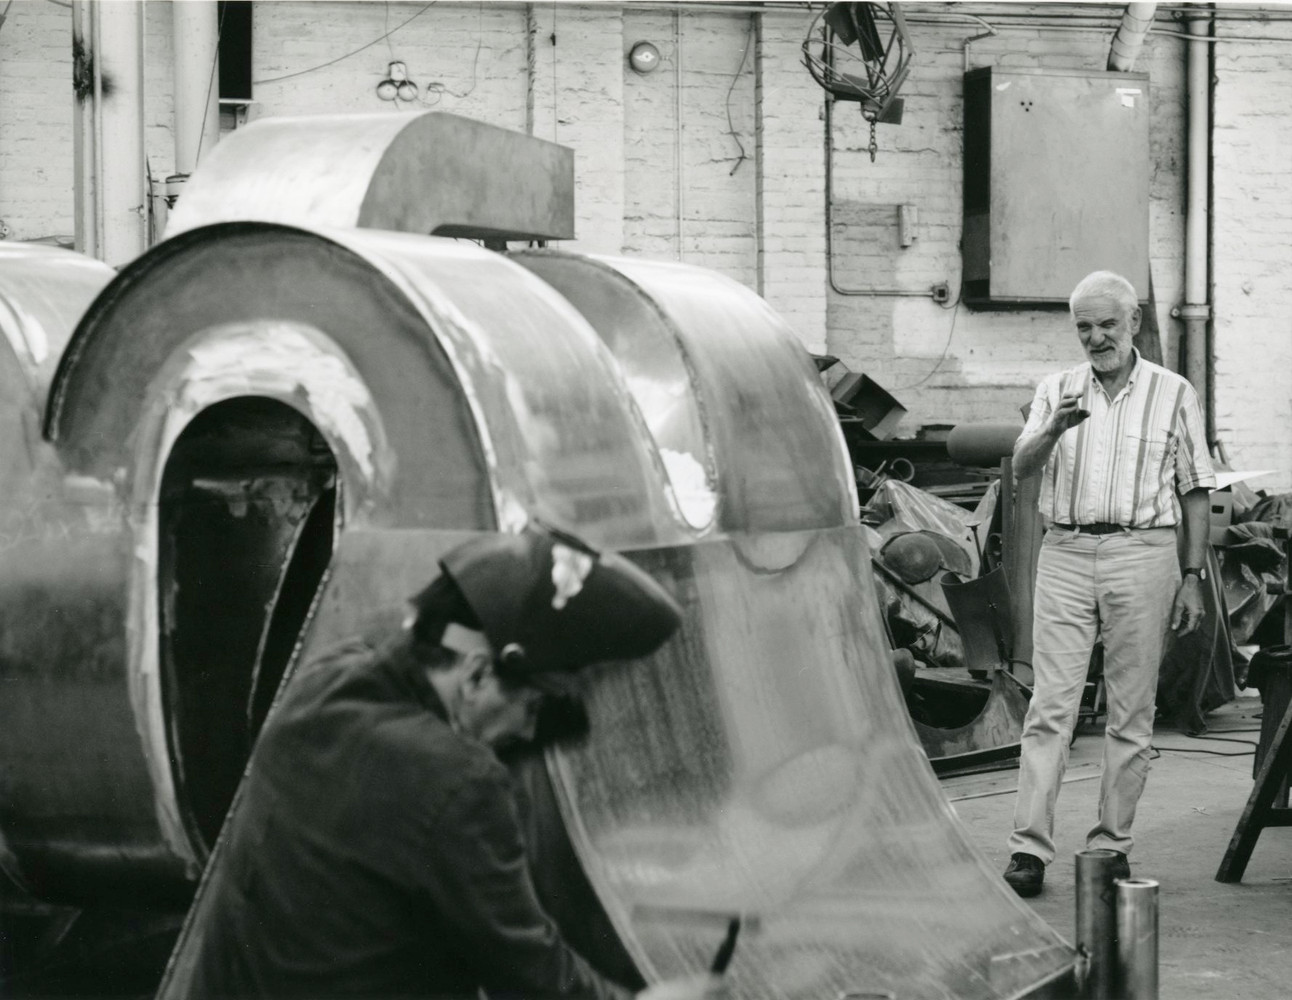 Anthony Caro working on Elephant Palace with Patrick Cunningham, 1989